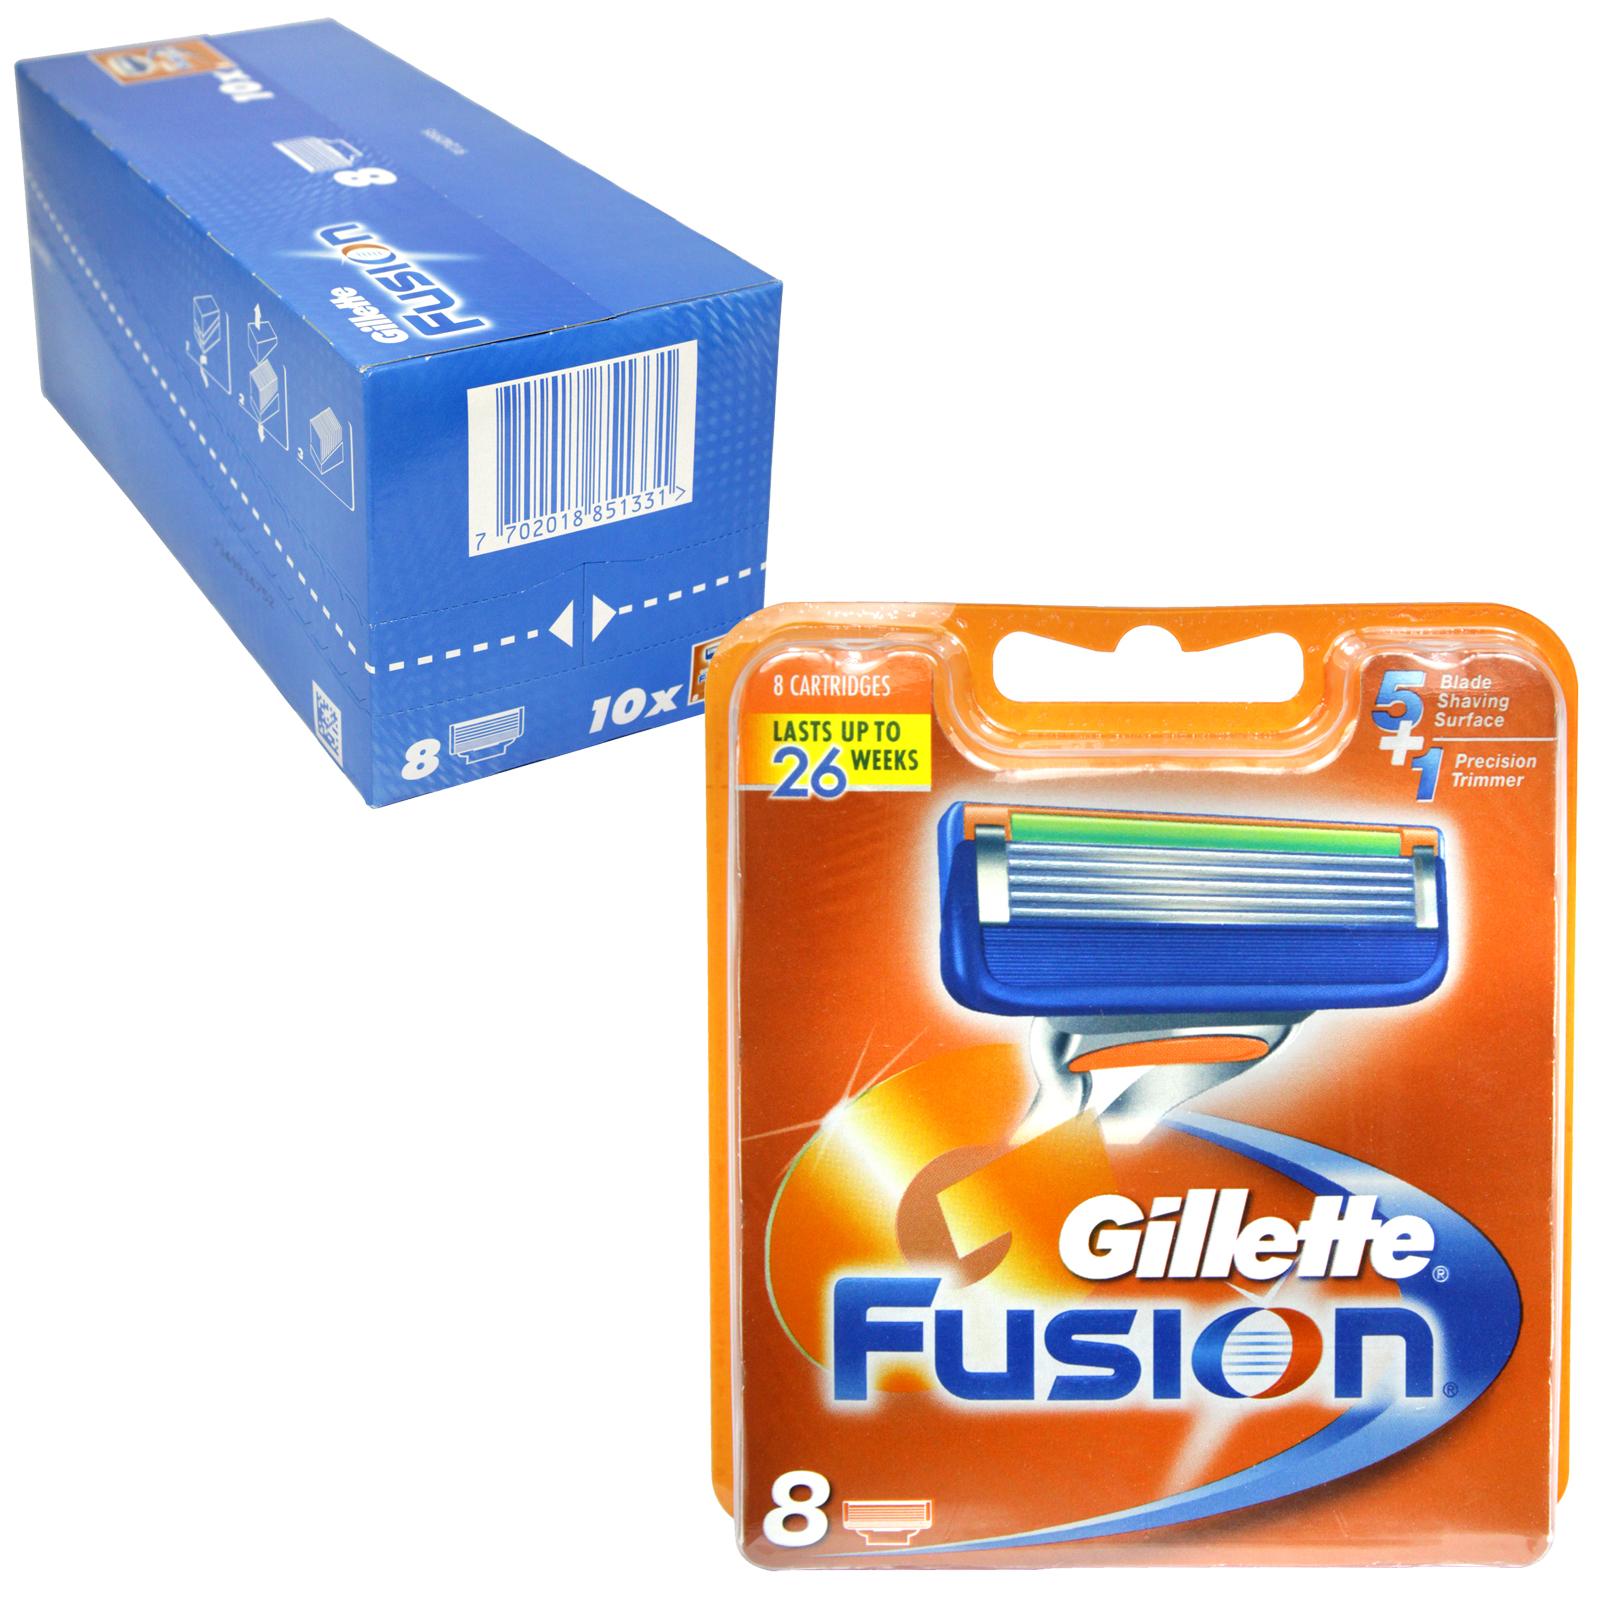 GILLETTE FUSION CARTRIDGES 8S